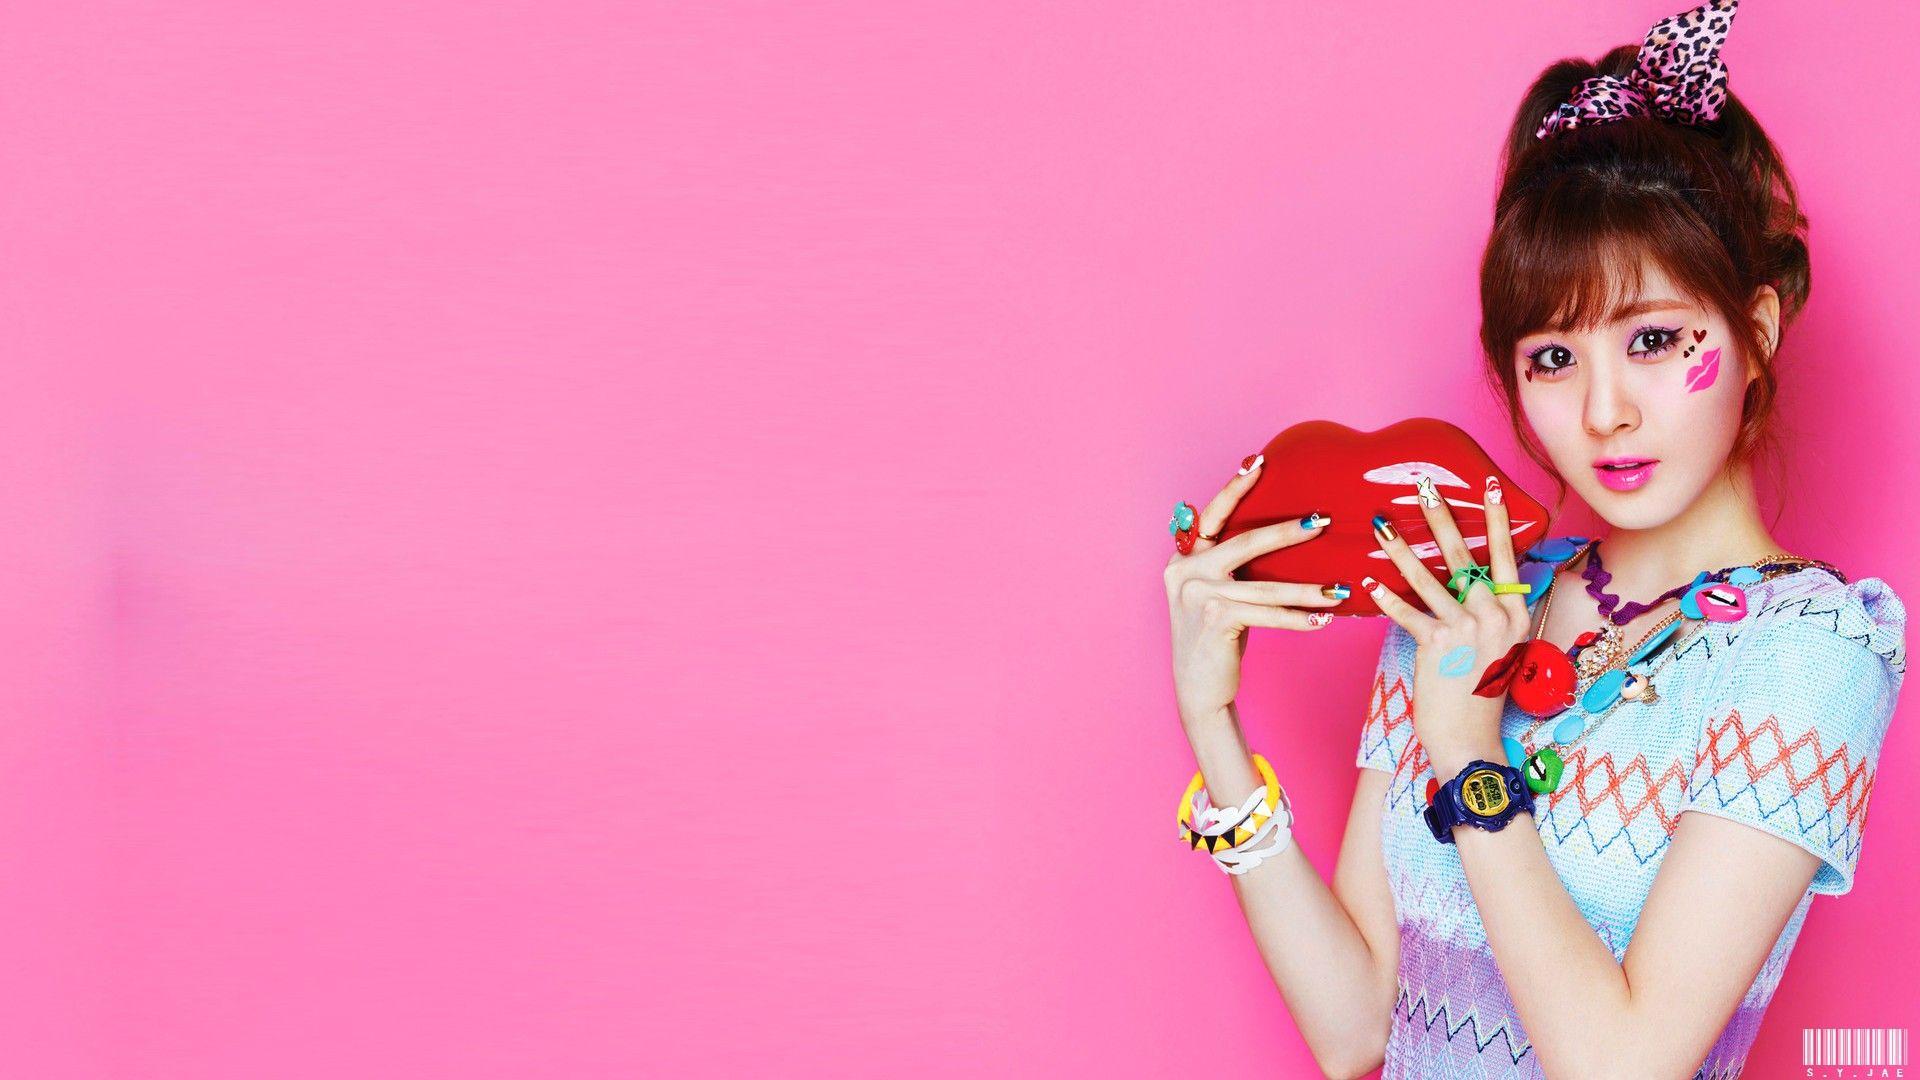 SNSD 2013 Girls Generation d wallpaper | 1920x1080 | 98235 ...